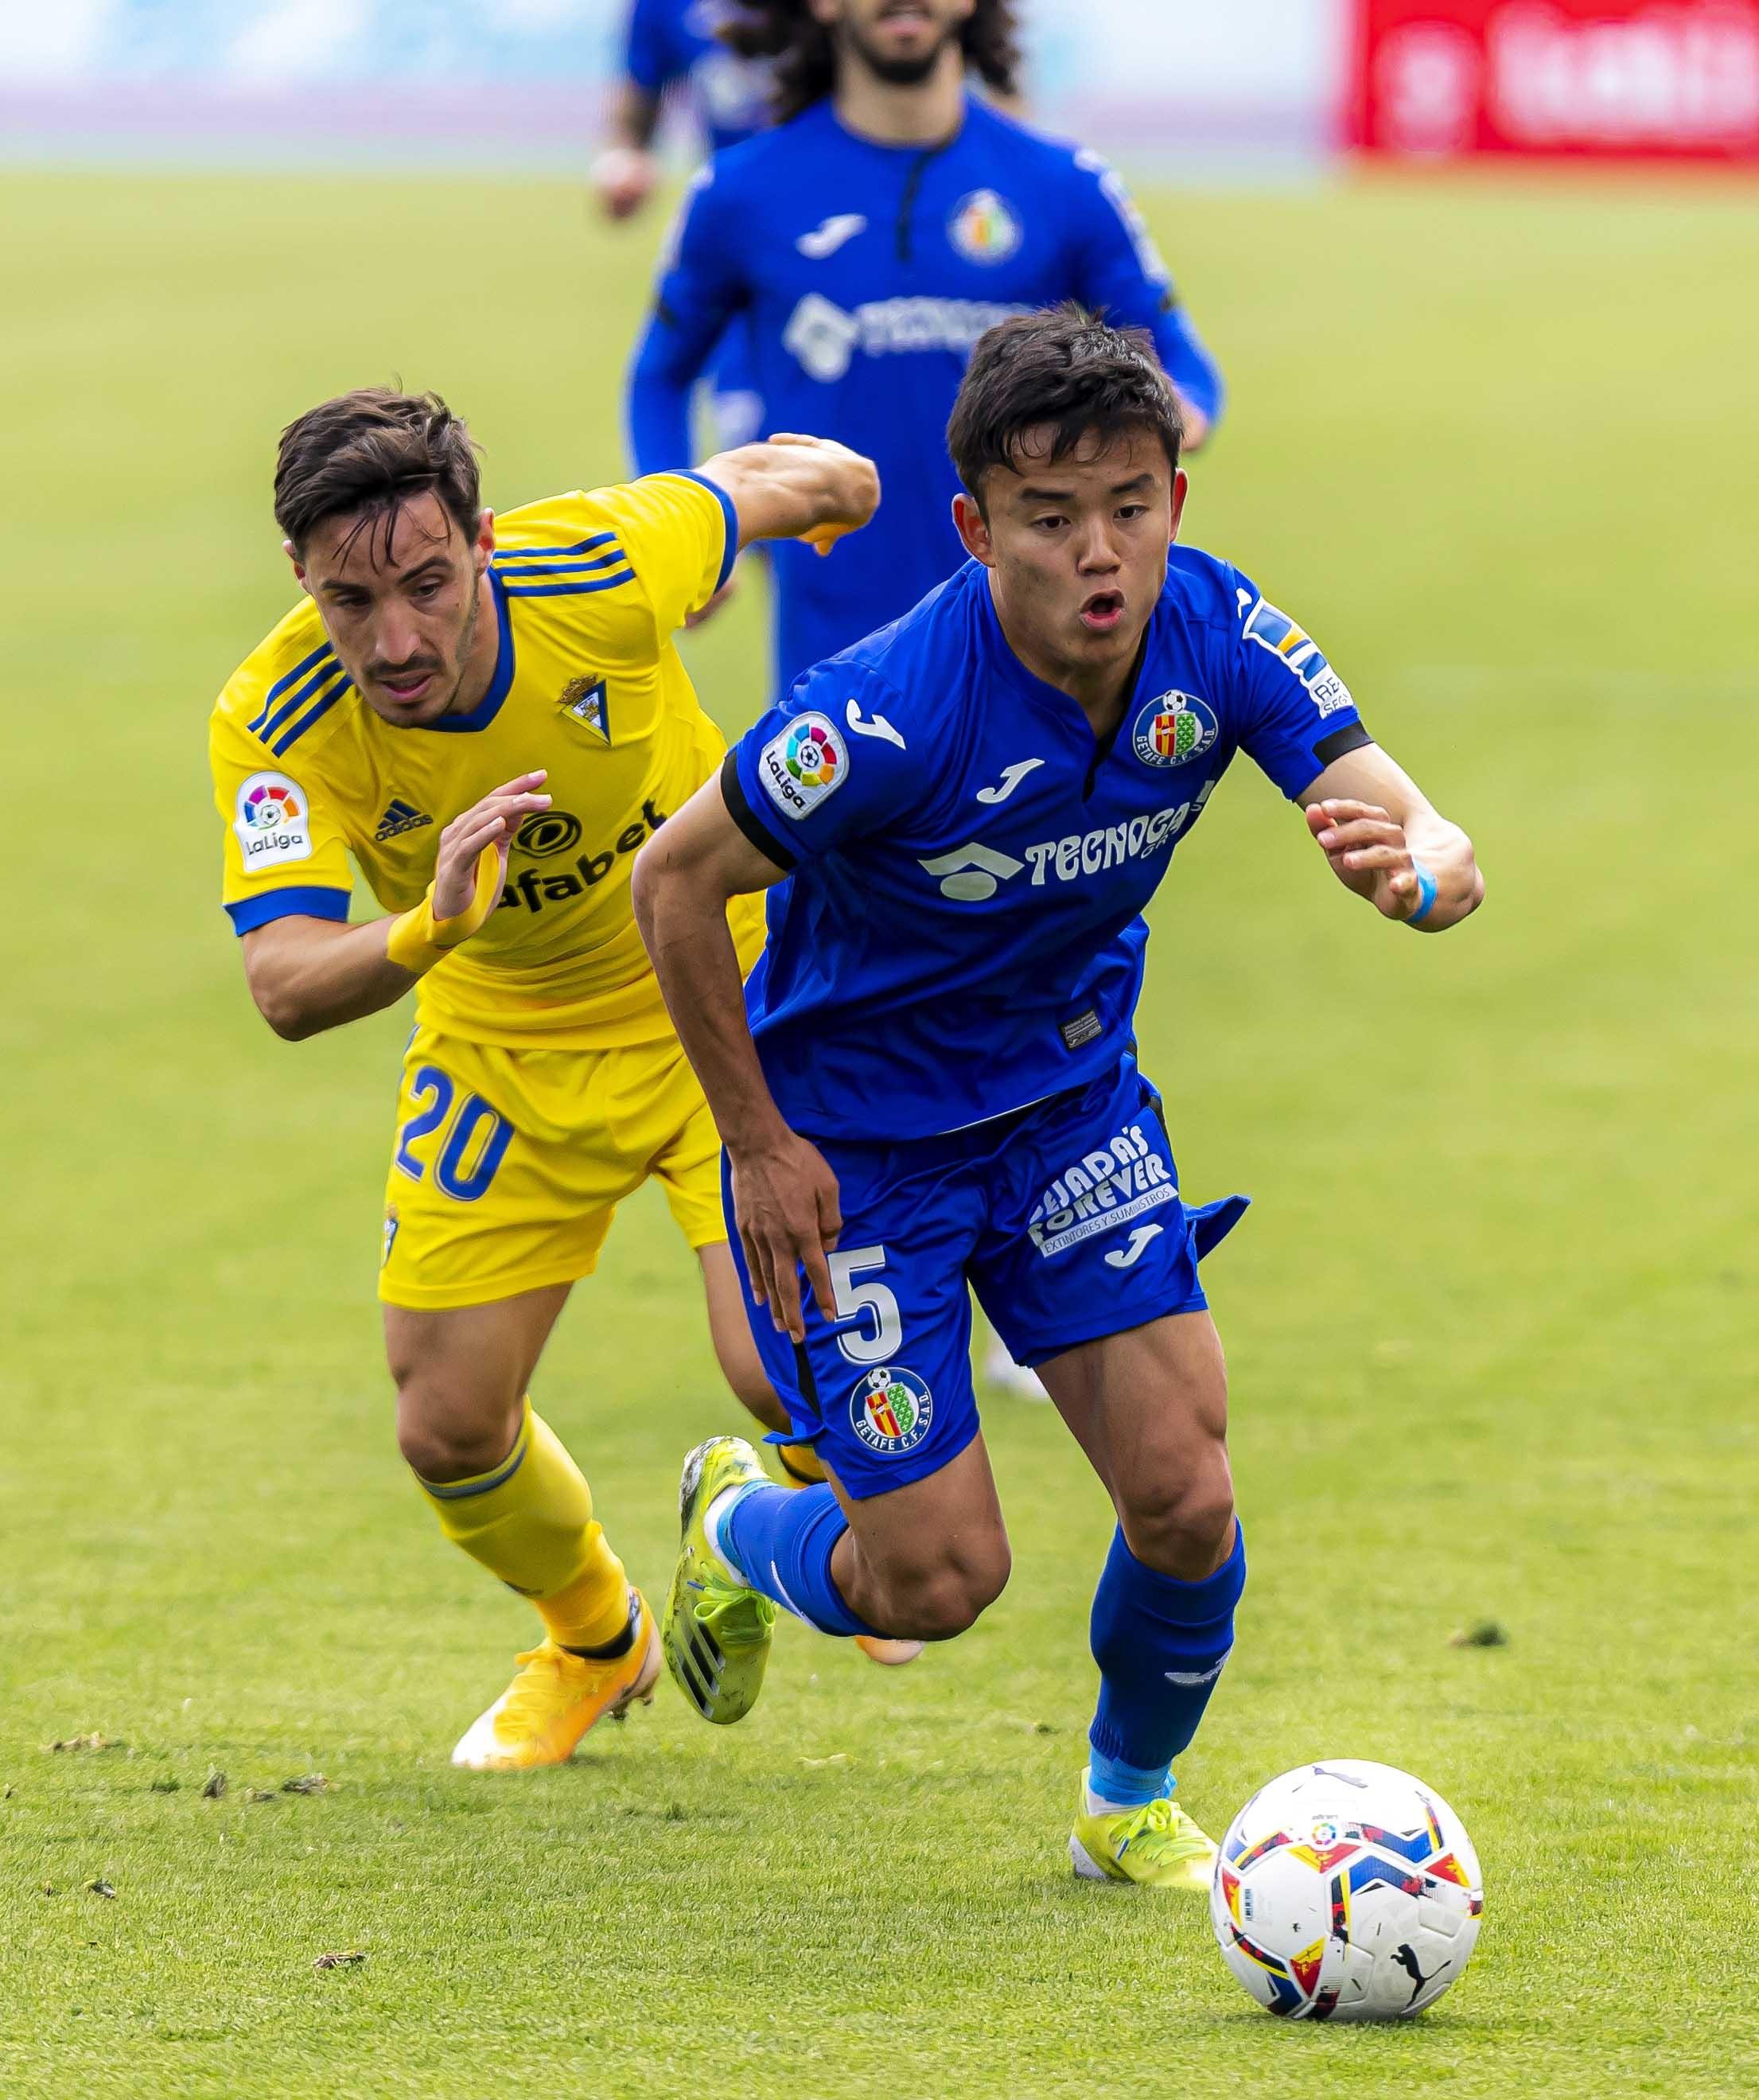 久保は予選リーグ3戦連続ゴールを記録し、日本の3連勝に貢献